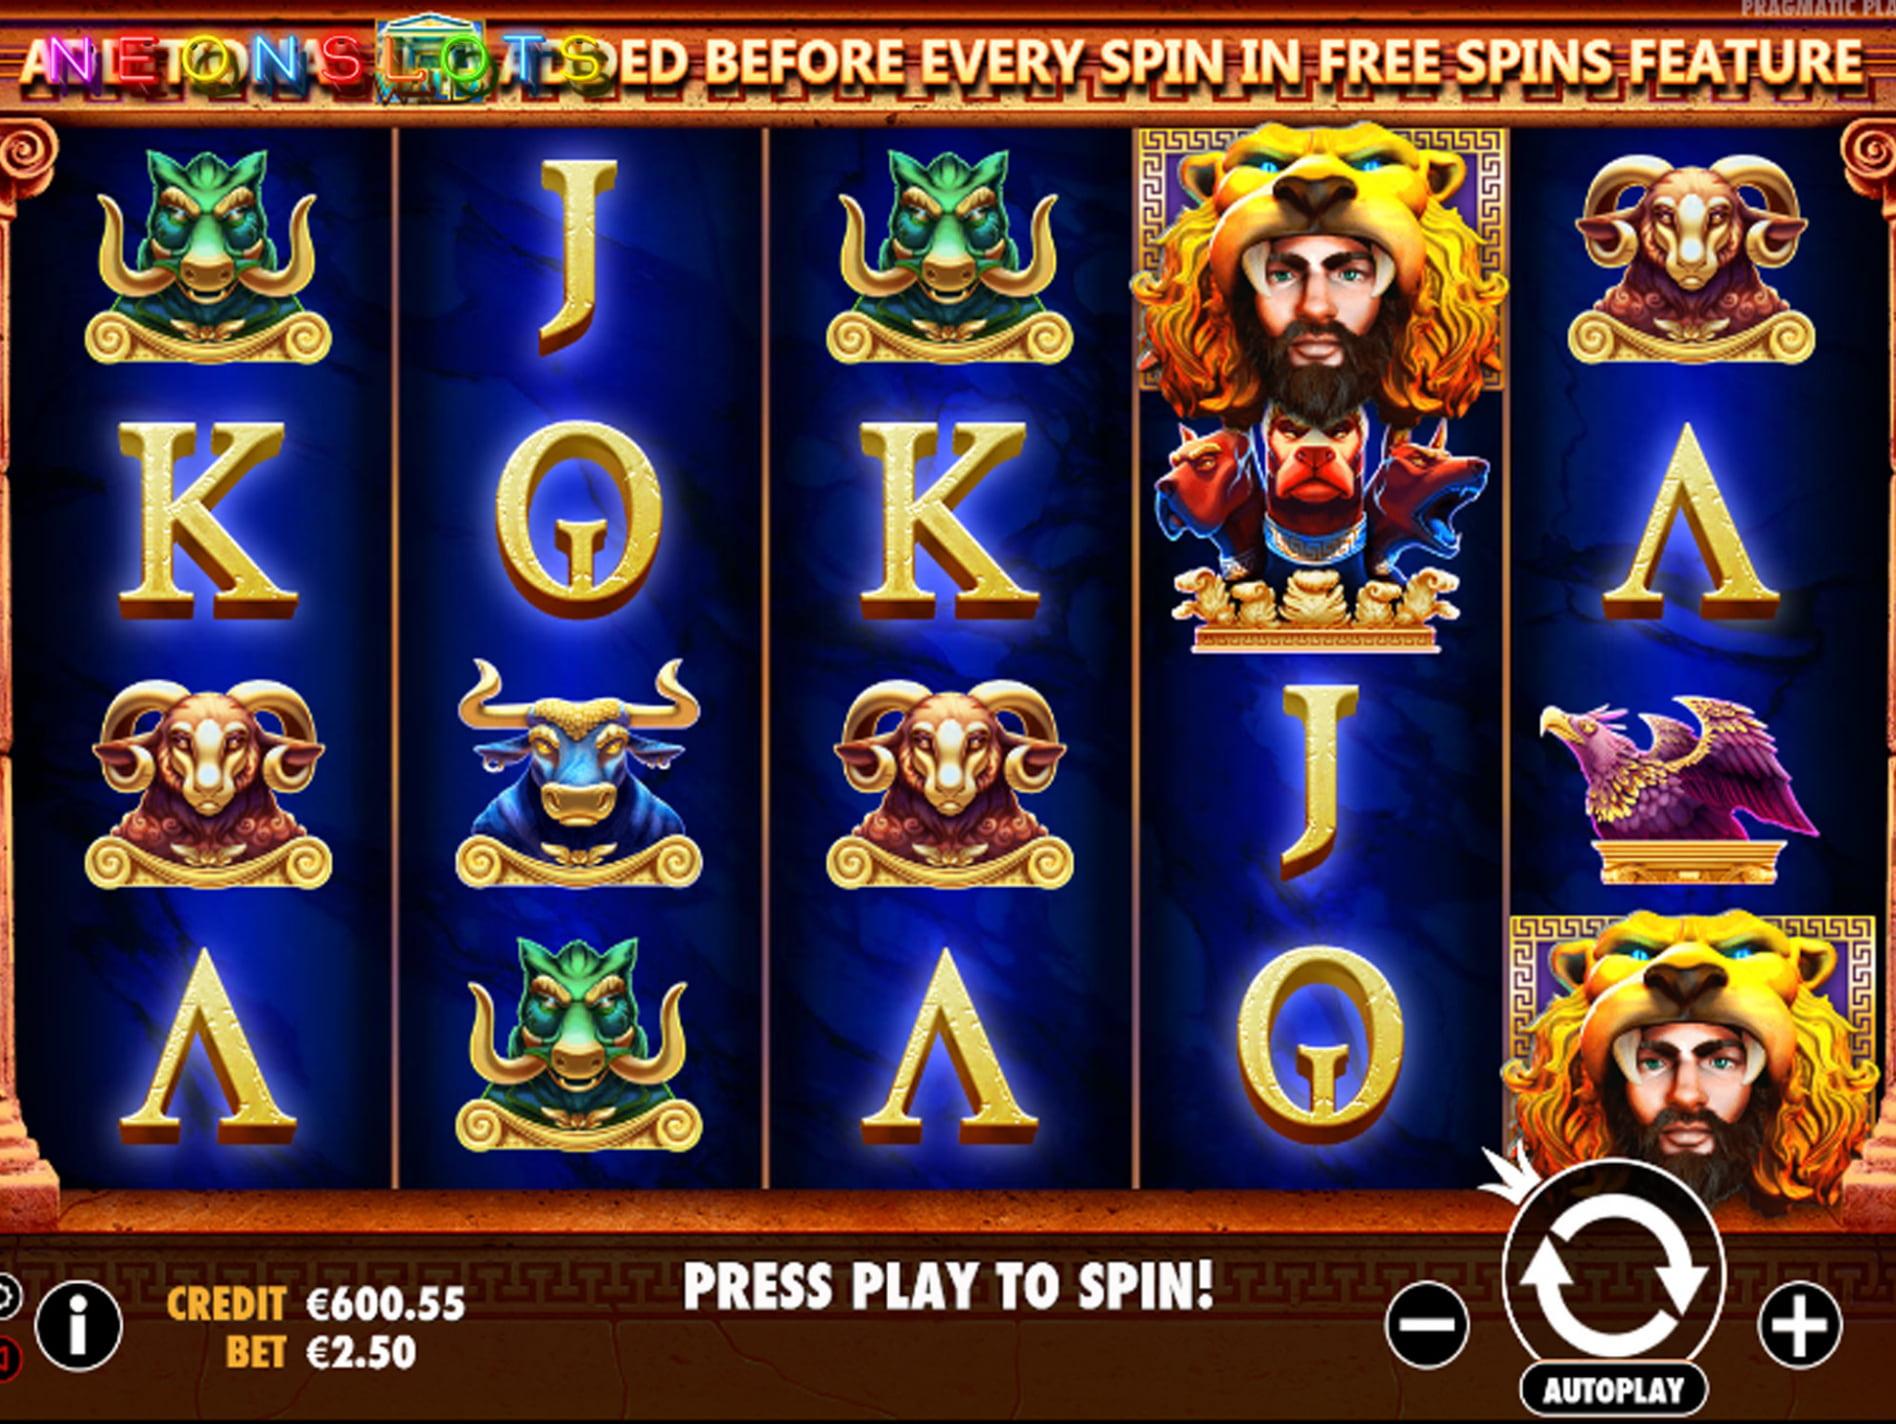 Wild vegas casino como jugar loteria Argentina - 72134